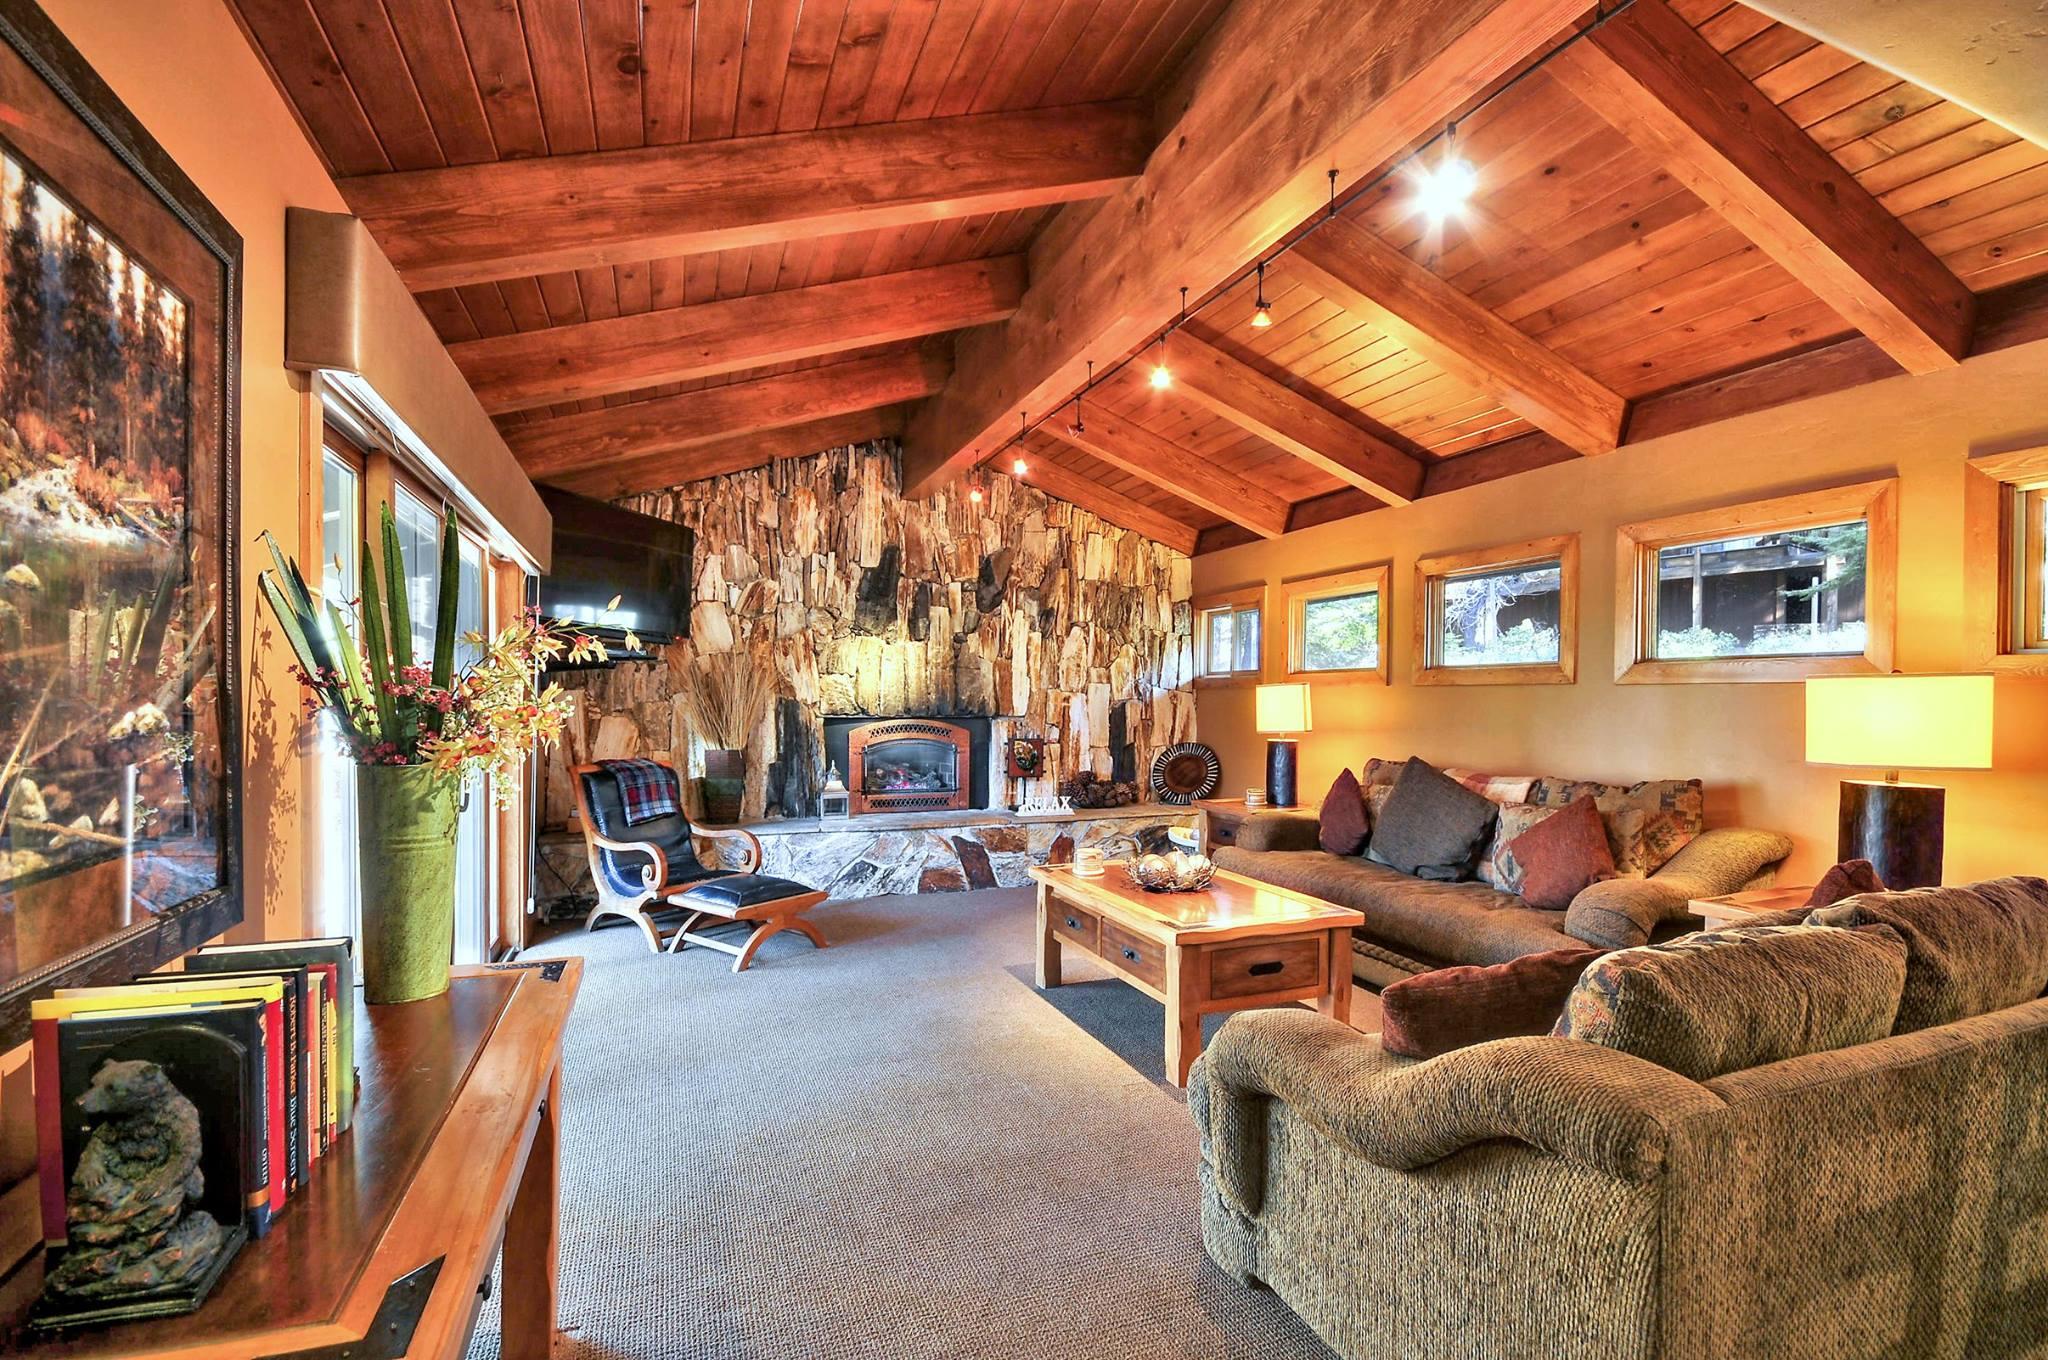 Tahoe-Moon-Properties-North-Lake-Tahoe-Vacation-Rental-Property